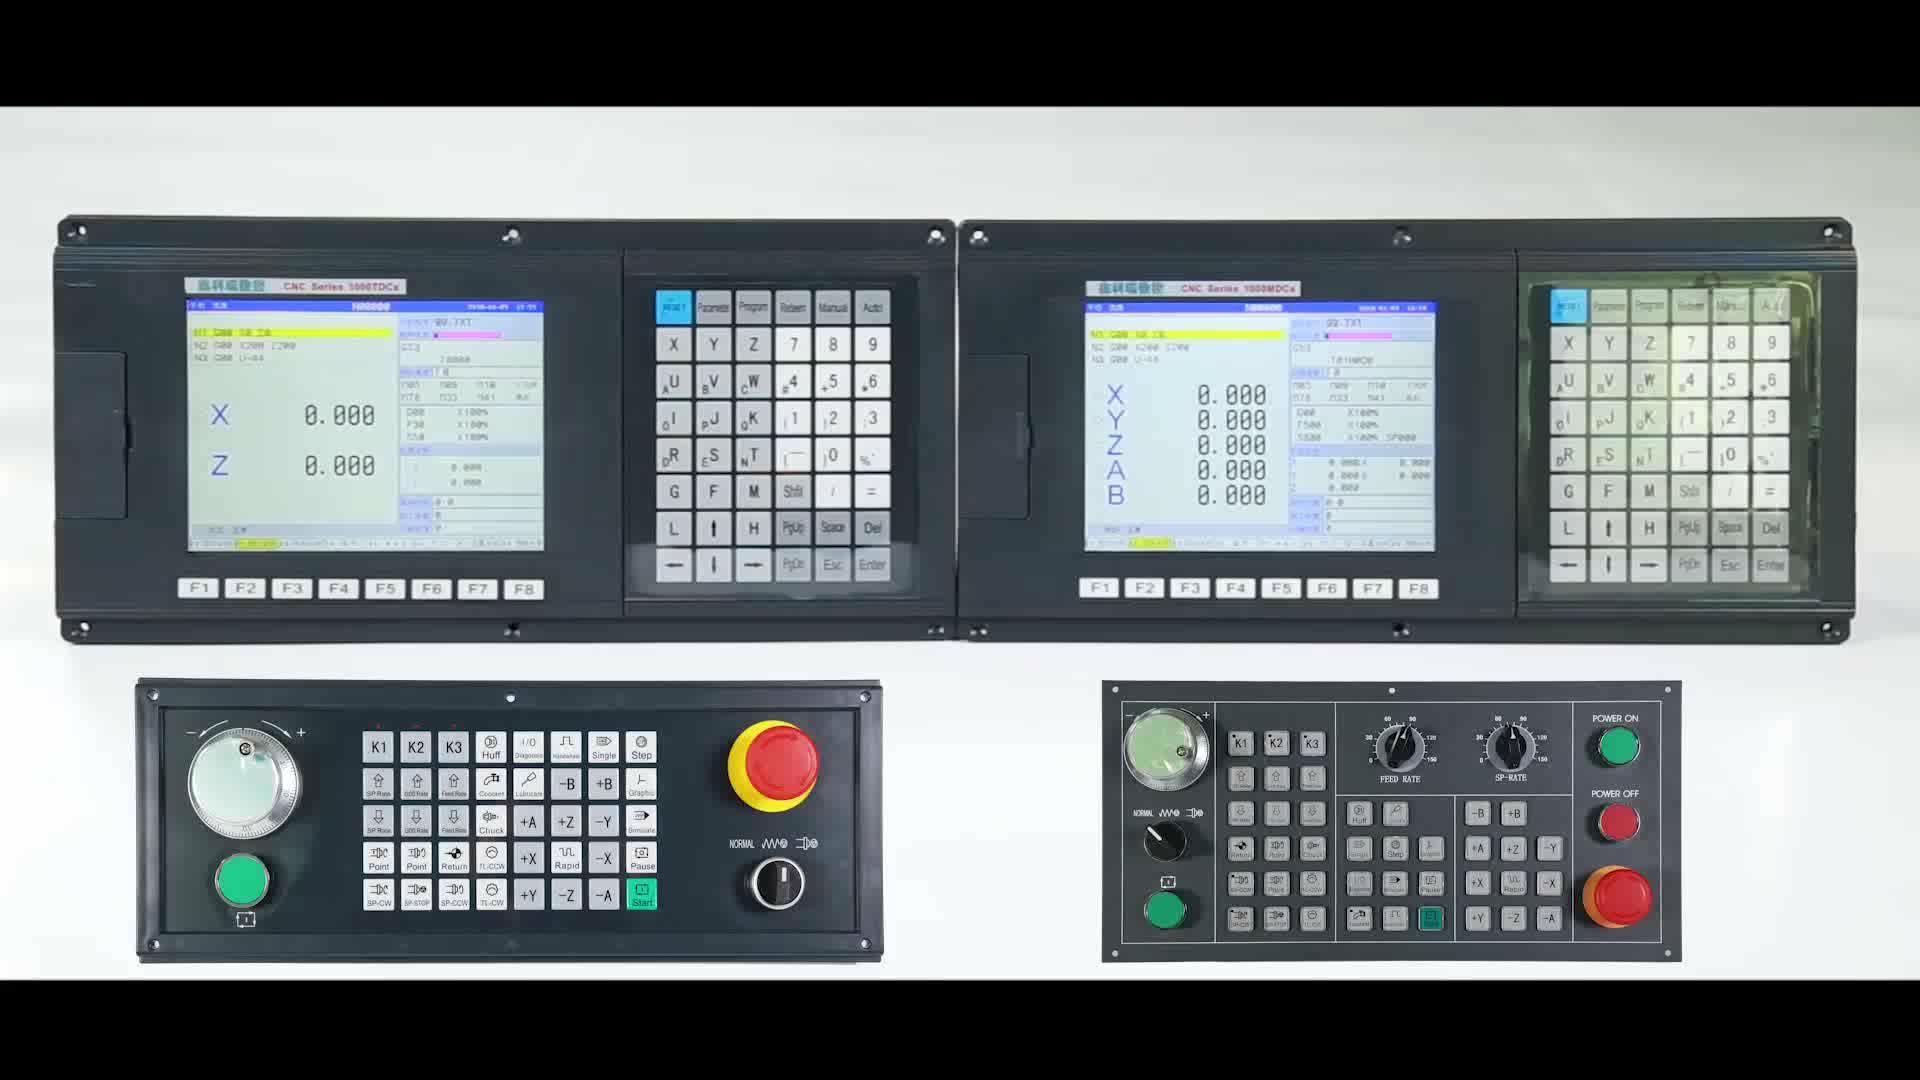 เดลต้าcncควบคุมNEW1000MDCa 4แกนมิลลิ่งcncระบบ/ควบคุม